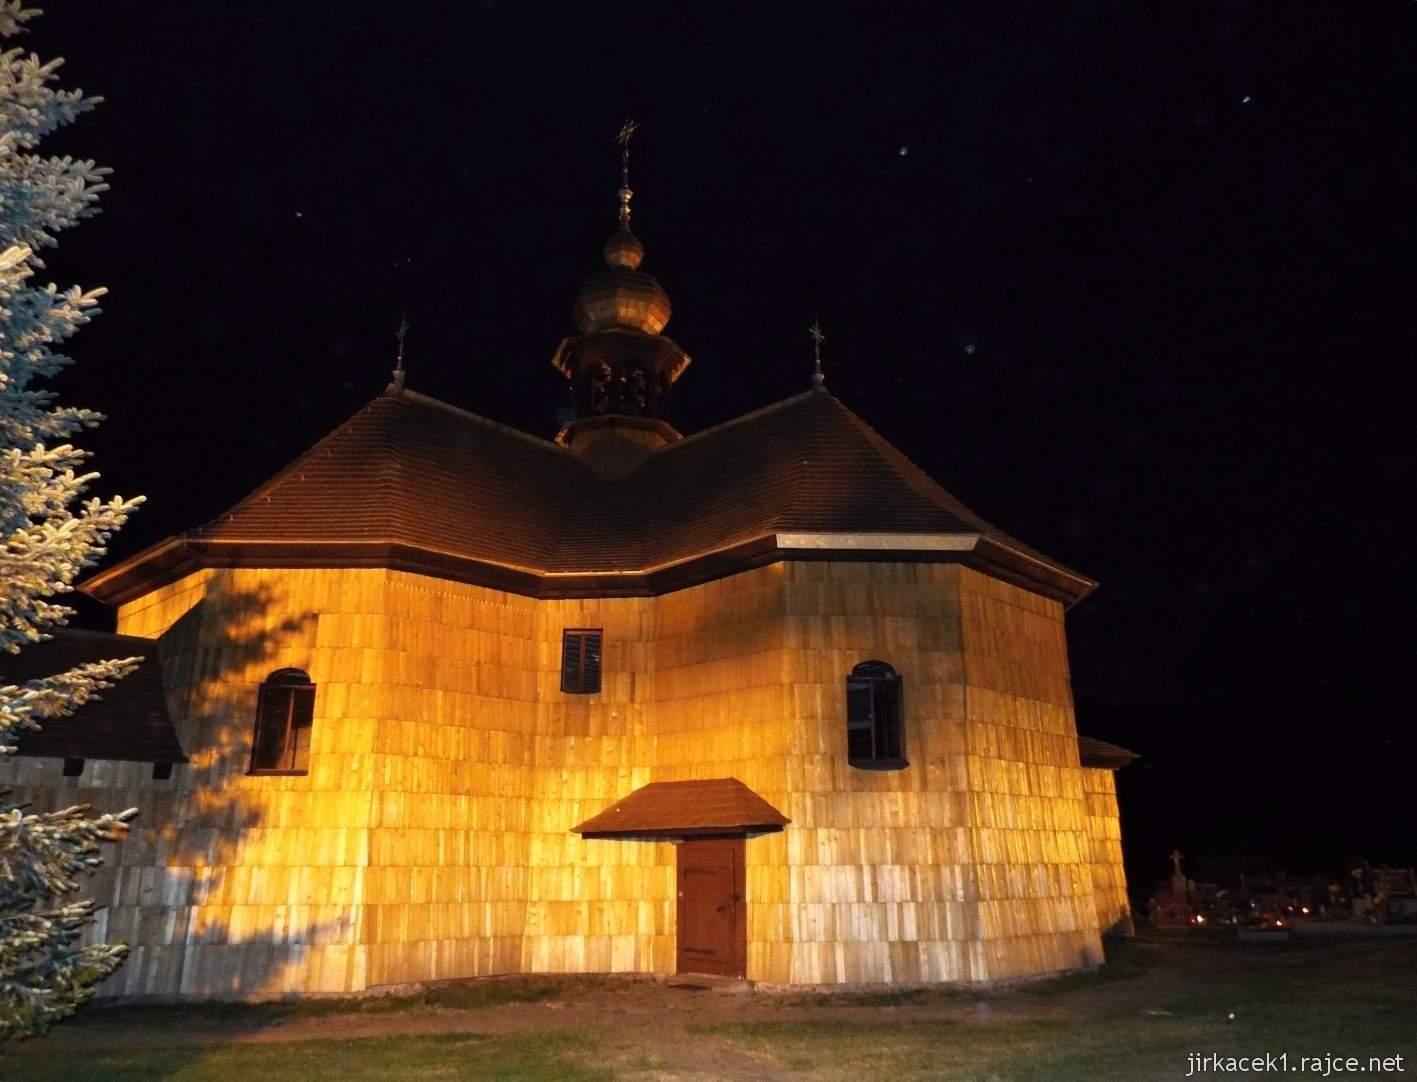 Velké Karlovice - Kostel Panny Marie Sněžné 37 - v noci